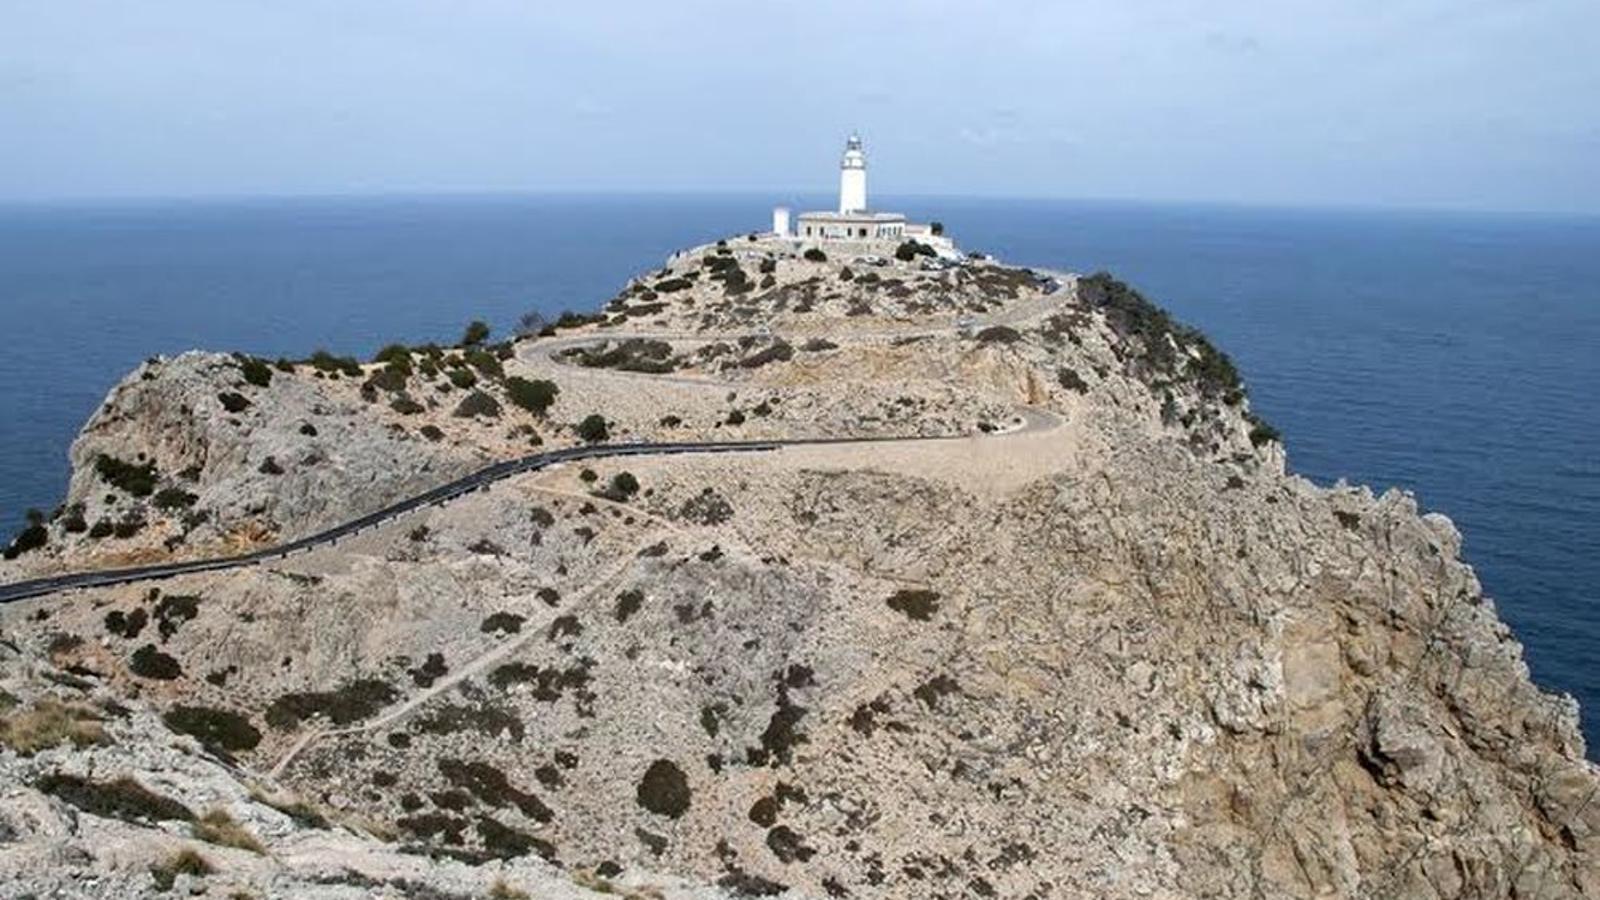 Saturació a les carreteres d'accés a Formentor, Sa Calobra i Port de Valldemossa